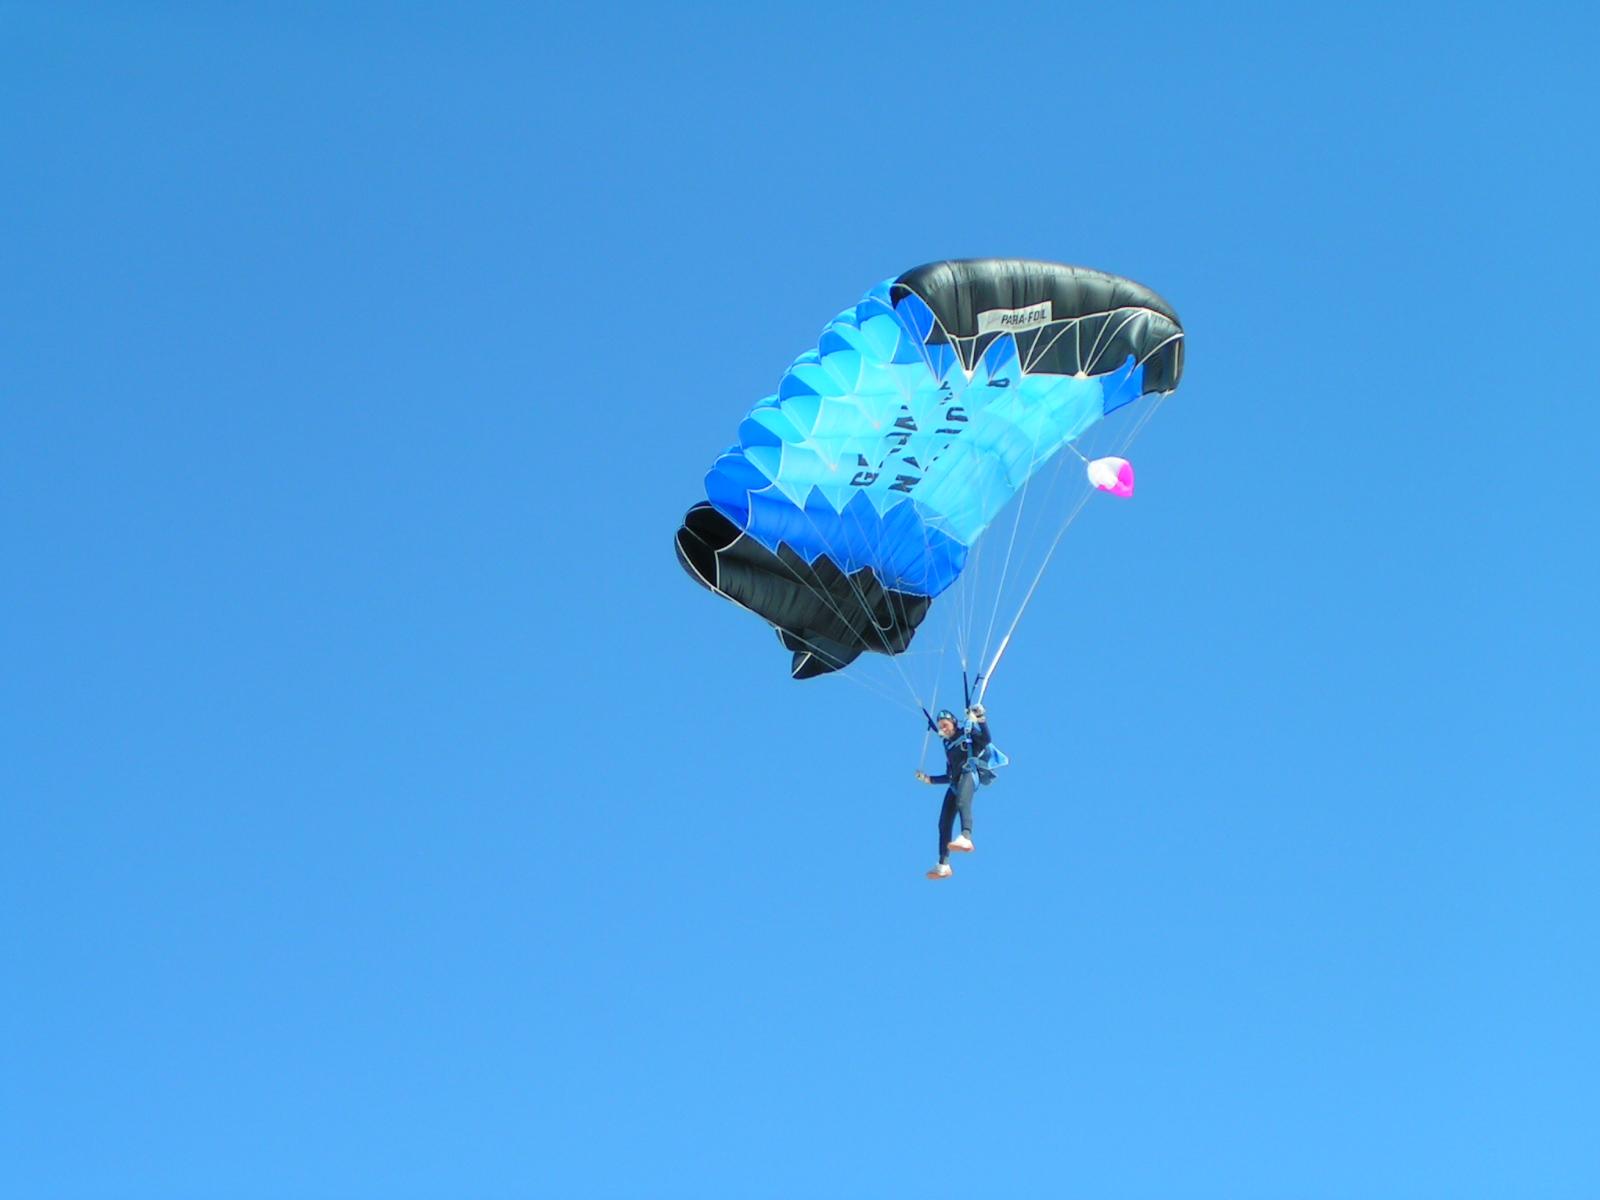 Votre avis sur un objet... Parachutiste1